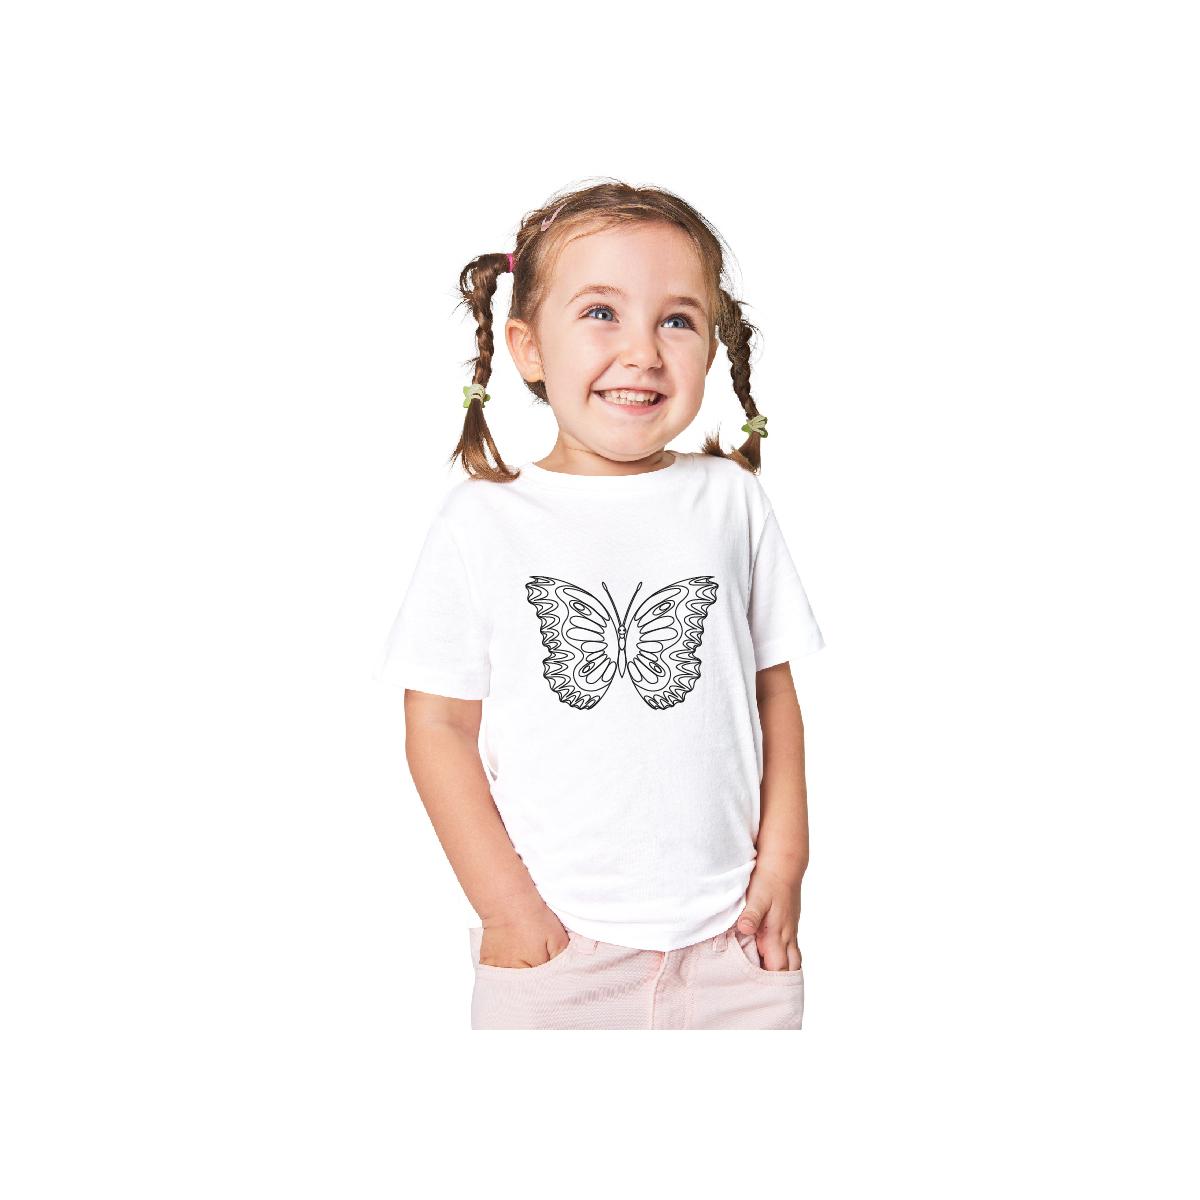 Kelebek Boyama T-Shirt 9-11 Yaş